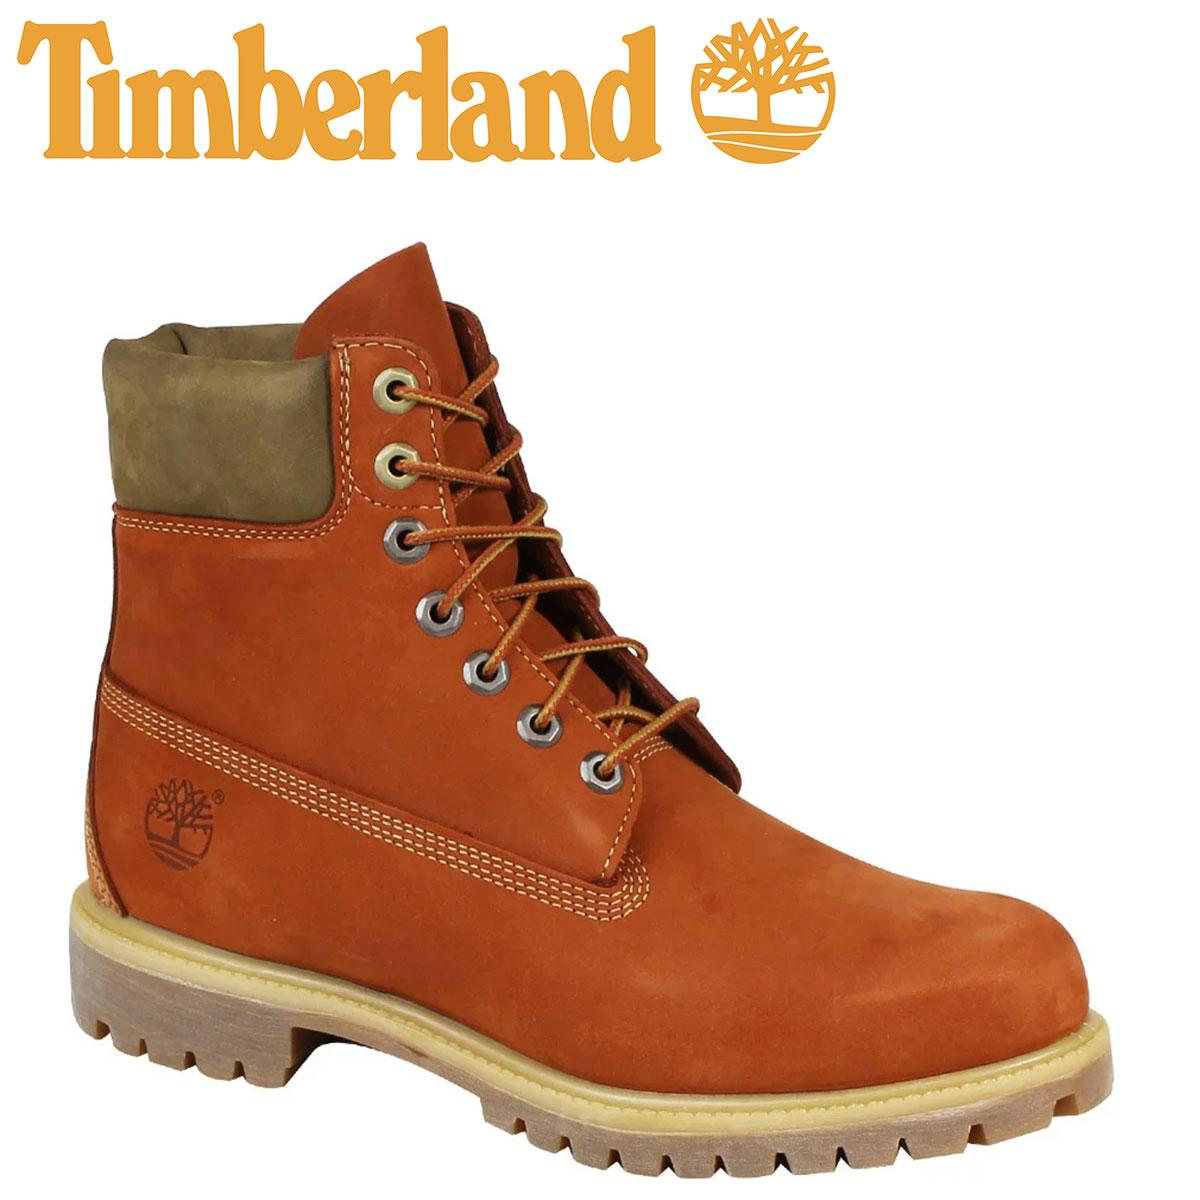 ALLSPORTS: Timberland Timberland 6 INCHI 6 inch premium